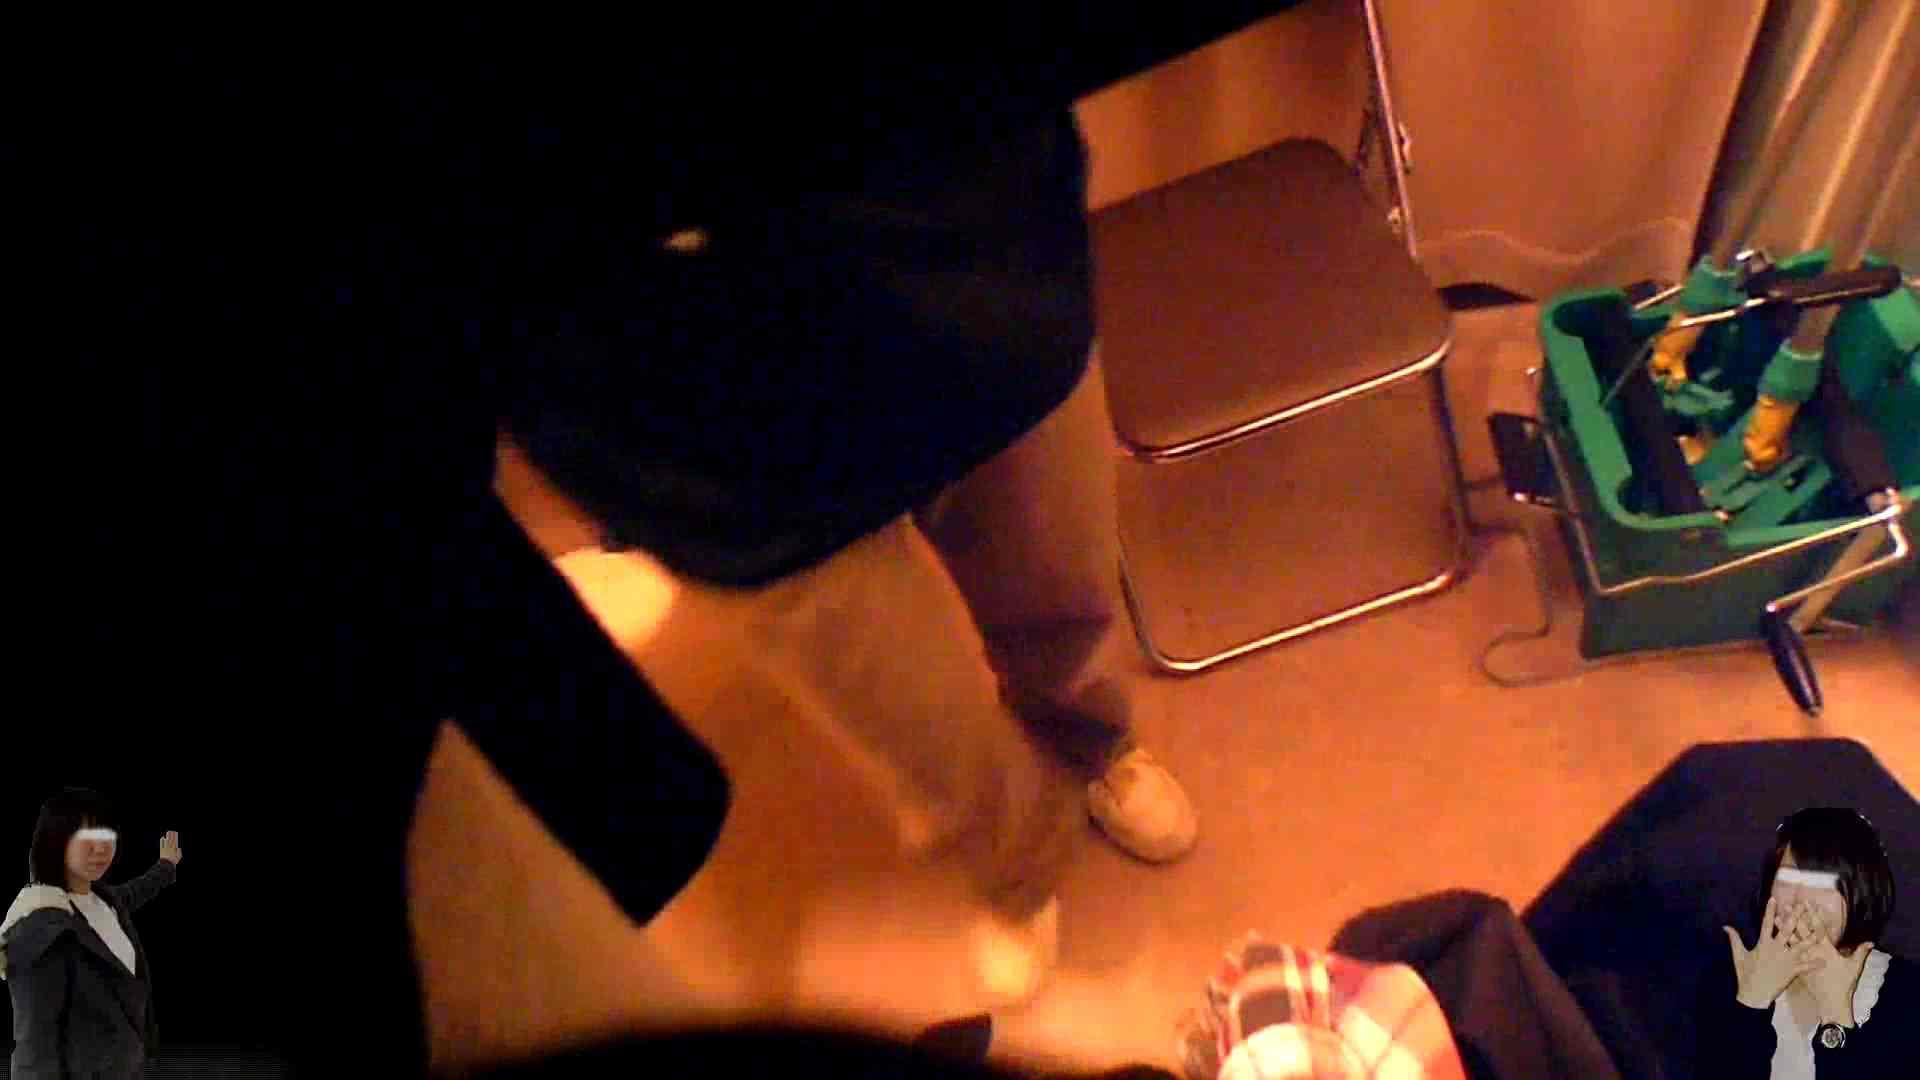 素人投稿 現役「JD」Eちゃんの着替え Vol.04 美しいOLの裸体   投稿  107pic 5